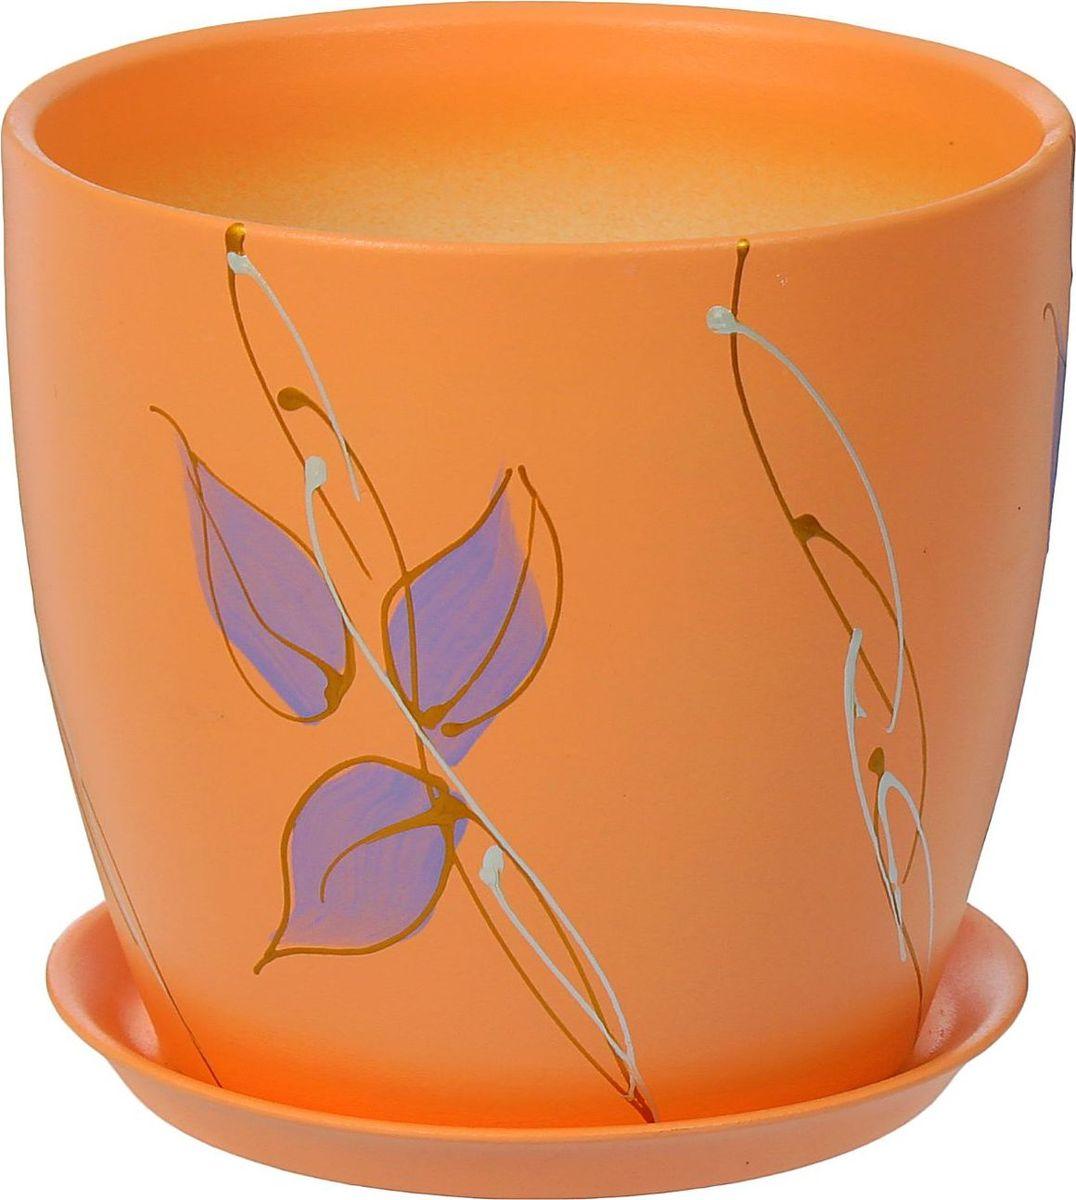 Кашпо Керамика ручной работы Осень. Роспись, цвет: оранжевый, 3 л1170383Комнатные растения - всеобщие любимцы. Они радуют глаз, насыщают помещение кислородом и украшают пространство. Каждому из них необходим свой удобный и красивый дом.Кашпо из керамики прекрасно подходит для высадки растений:за счёт пластичности глины и разных способов обработки существует великое множество форм и дизайнов; пористый материал позволяет испаряться лишней влаге; воздух, необходимый для дыхания корней, проникает сквозь керамические стенки.Кашпо для цветов освежит интерьер и подчеркнёт его стиль.